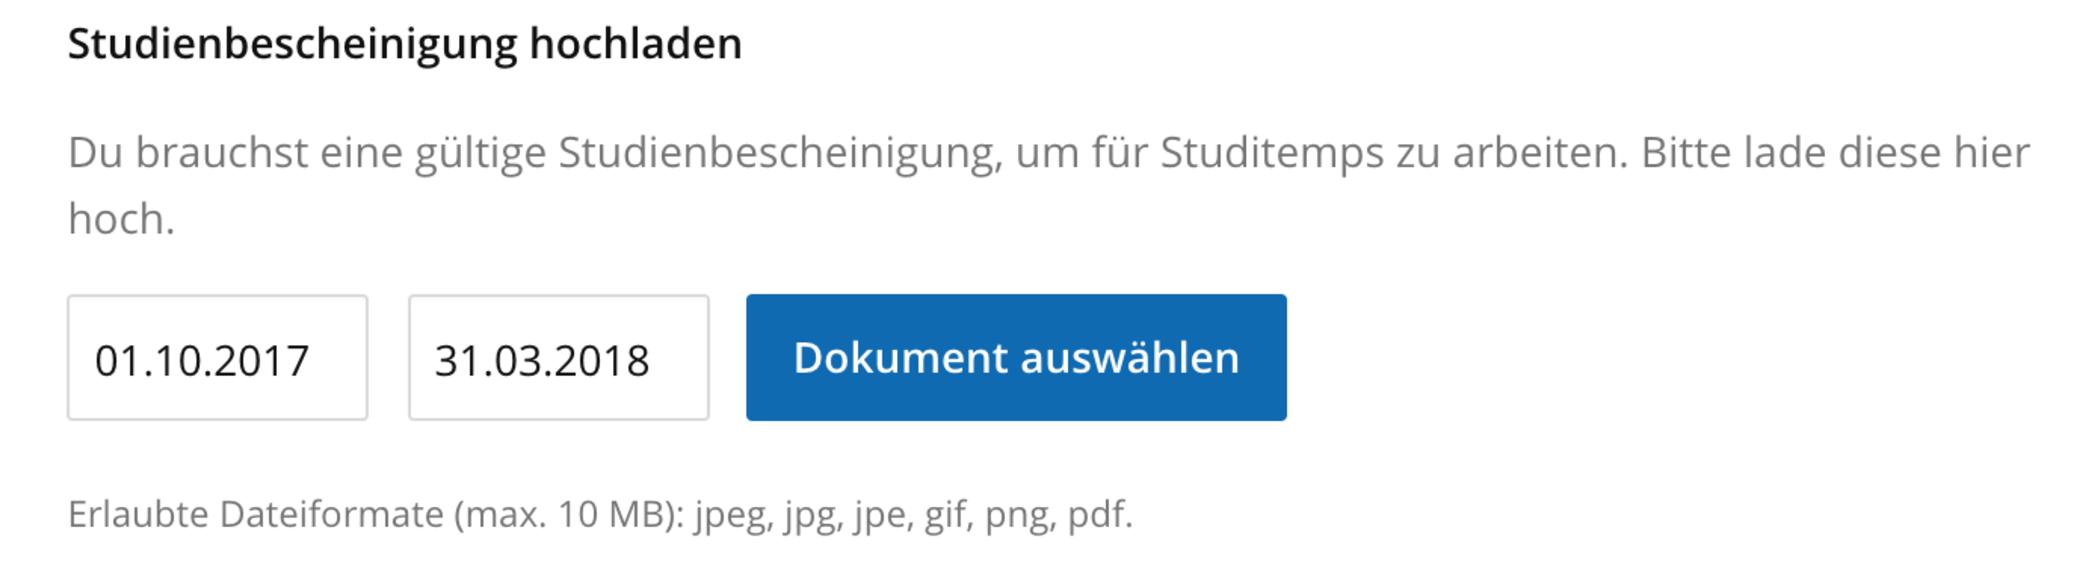 Wo kann ich meine Dokumente hochladen? - Jobmensa Studenten ...